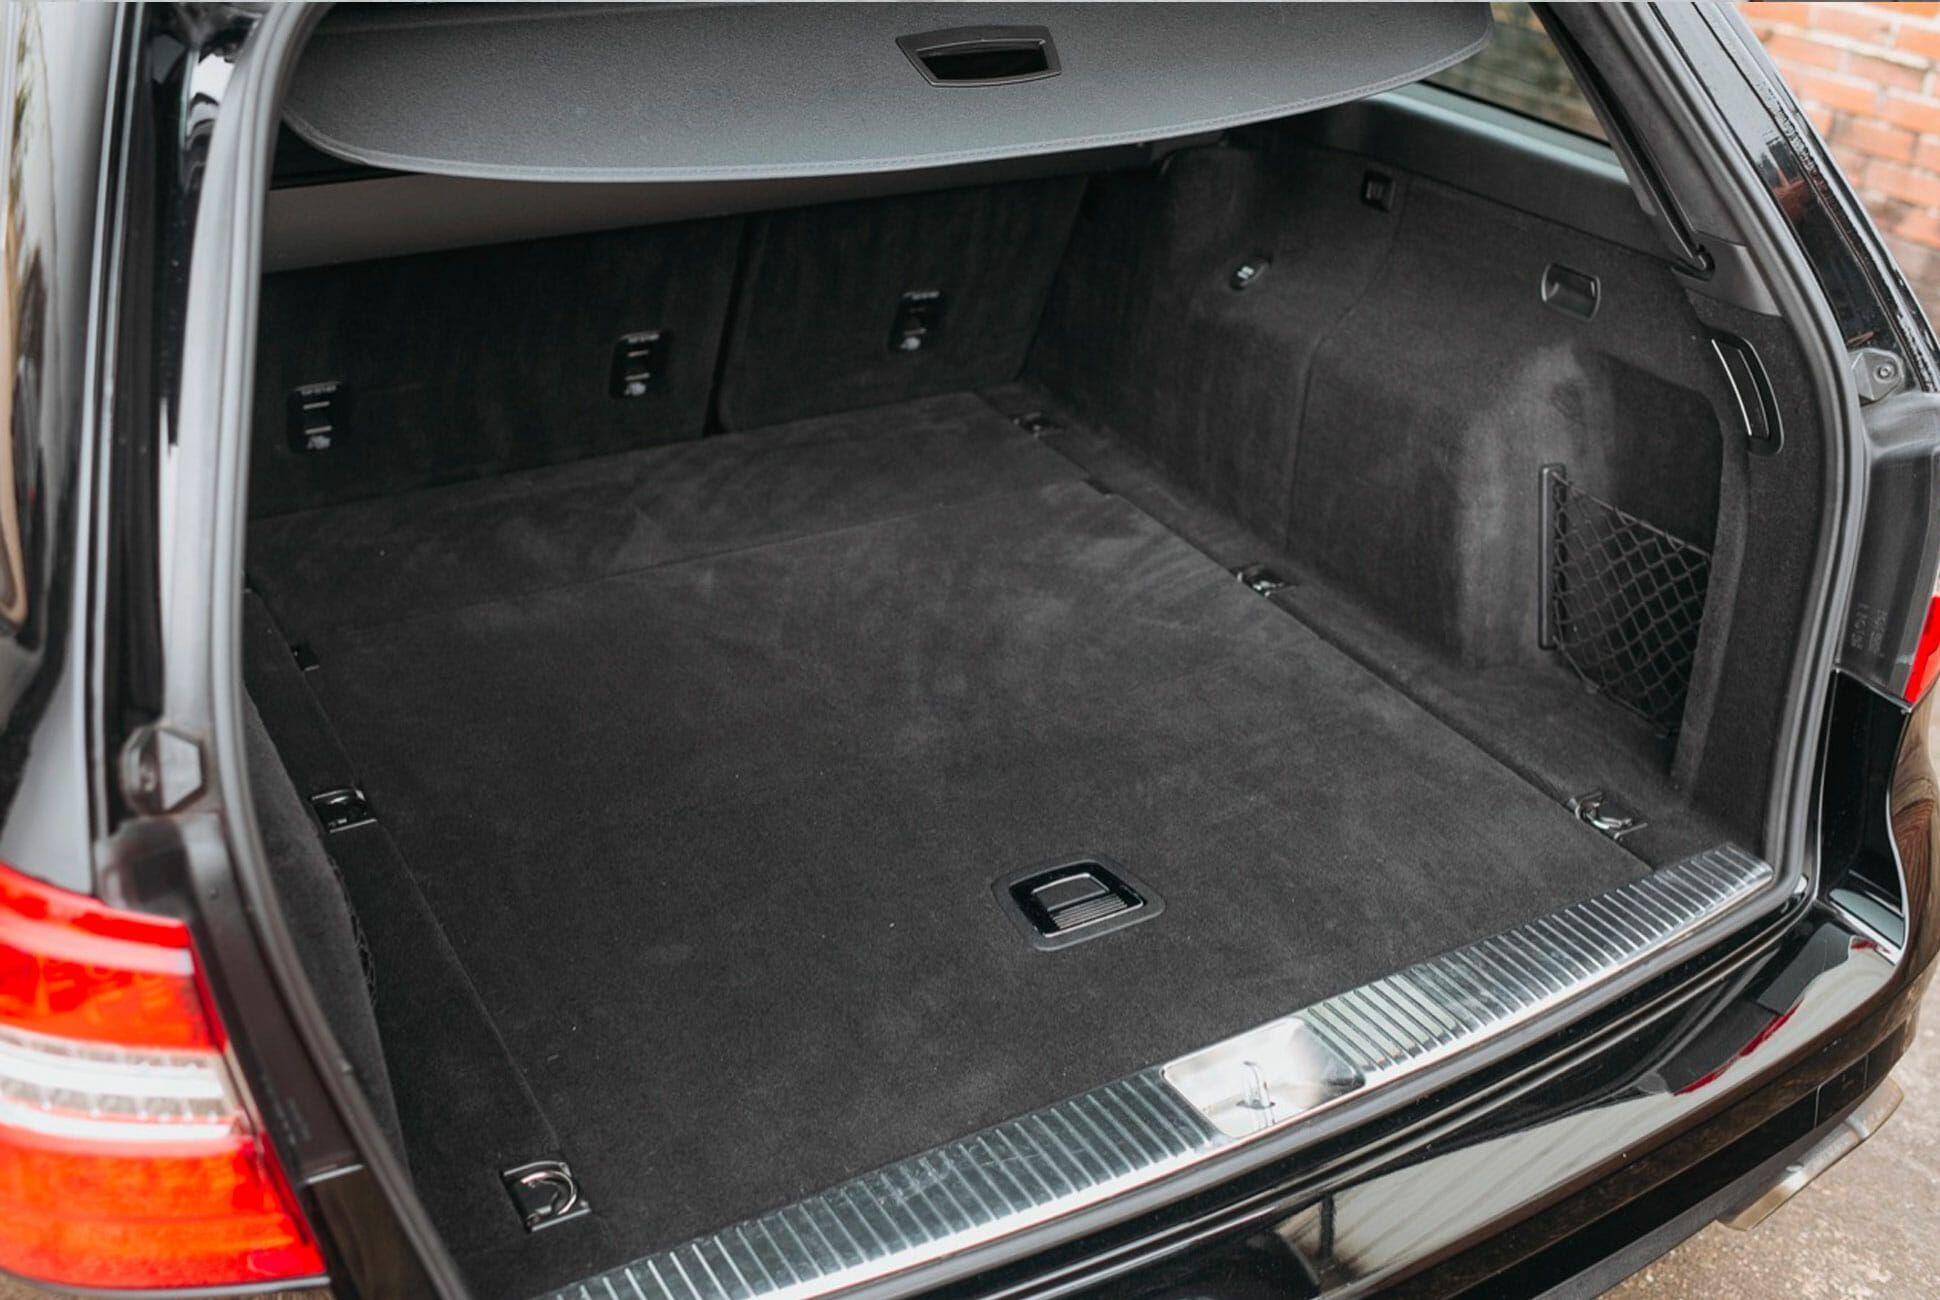 2012-Mercedes-Benz-E63-AMG-Wagon-gear-patrol-slide-06